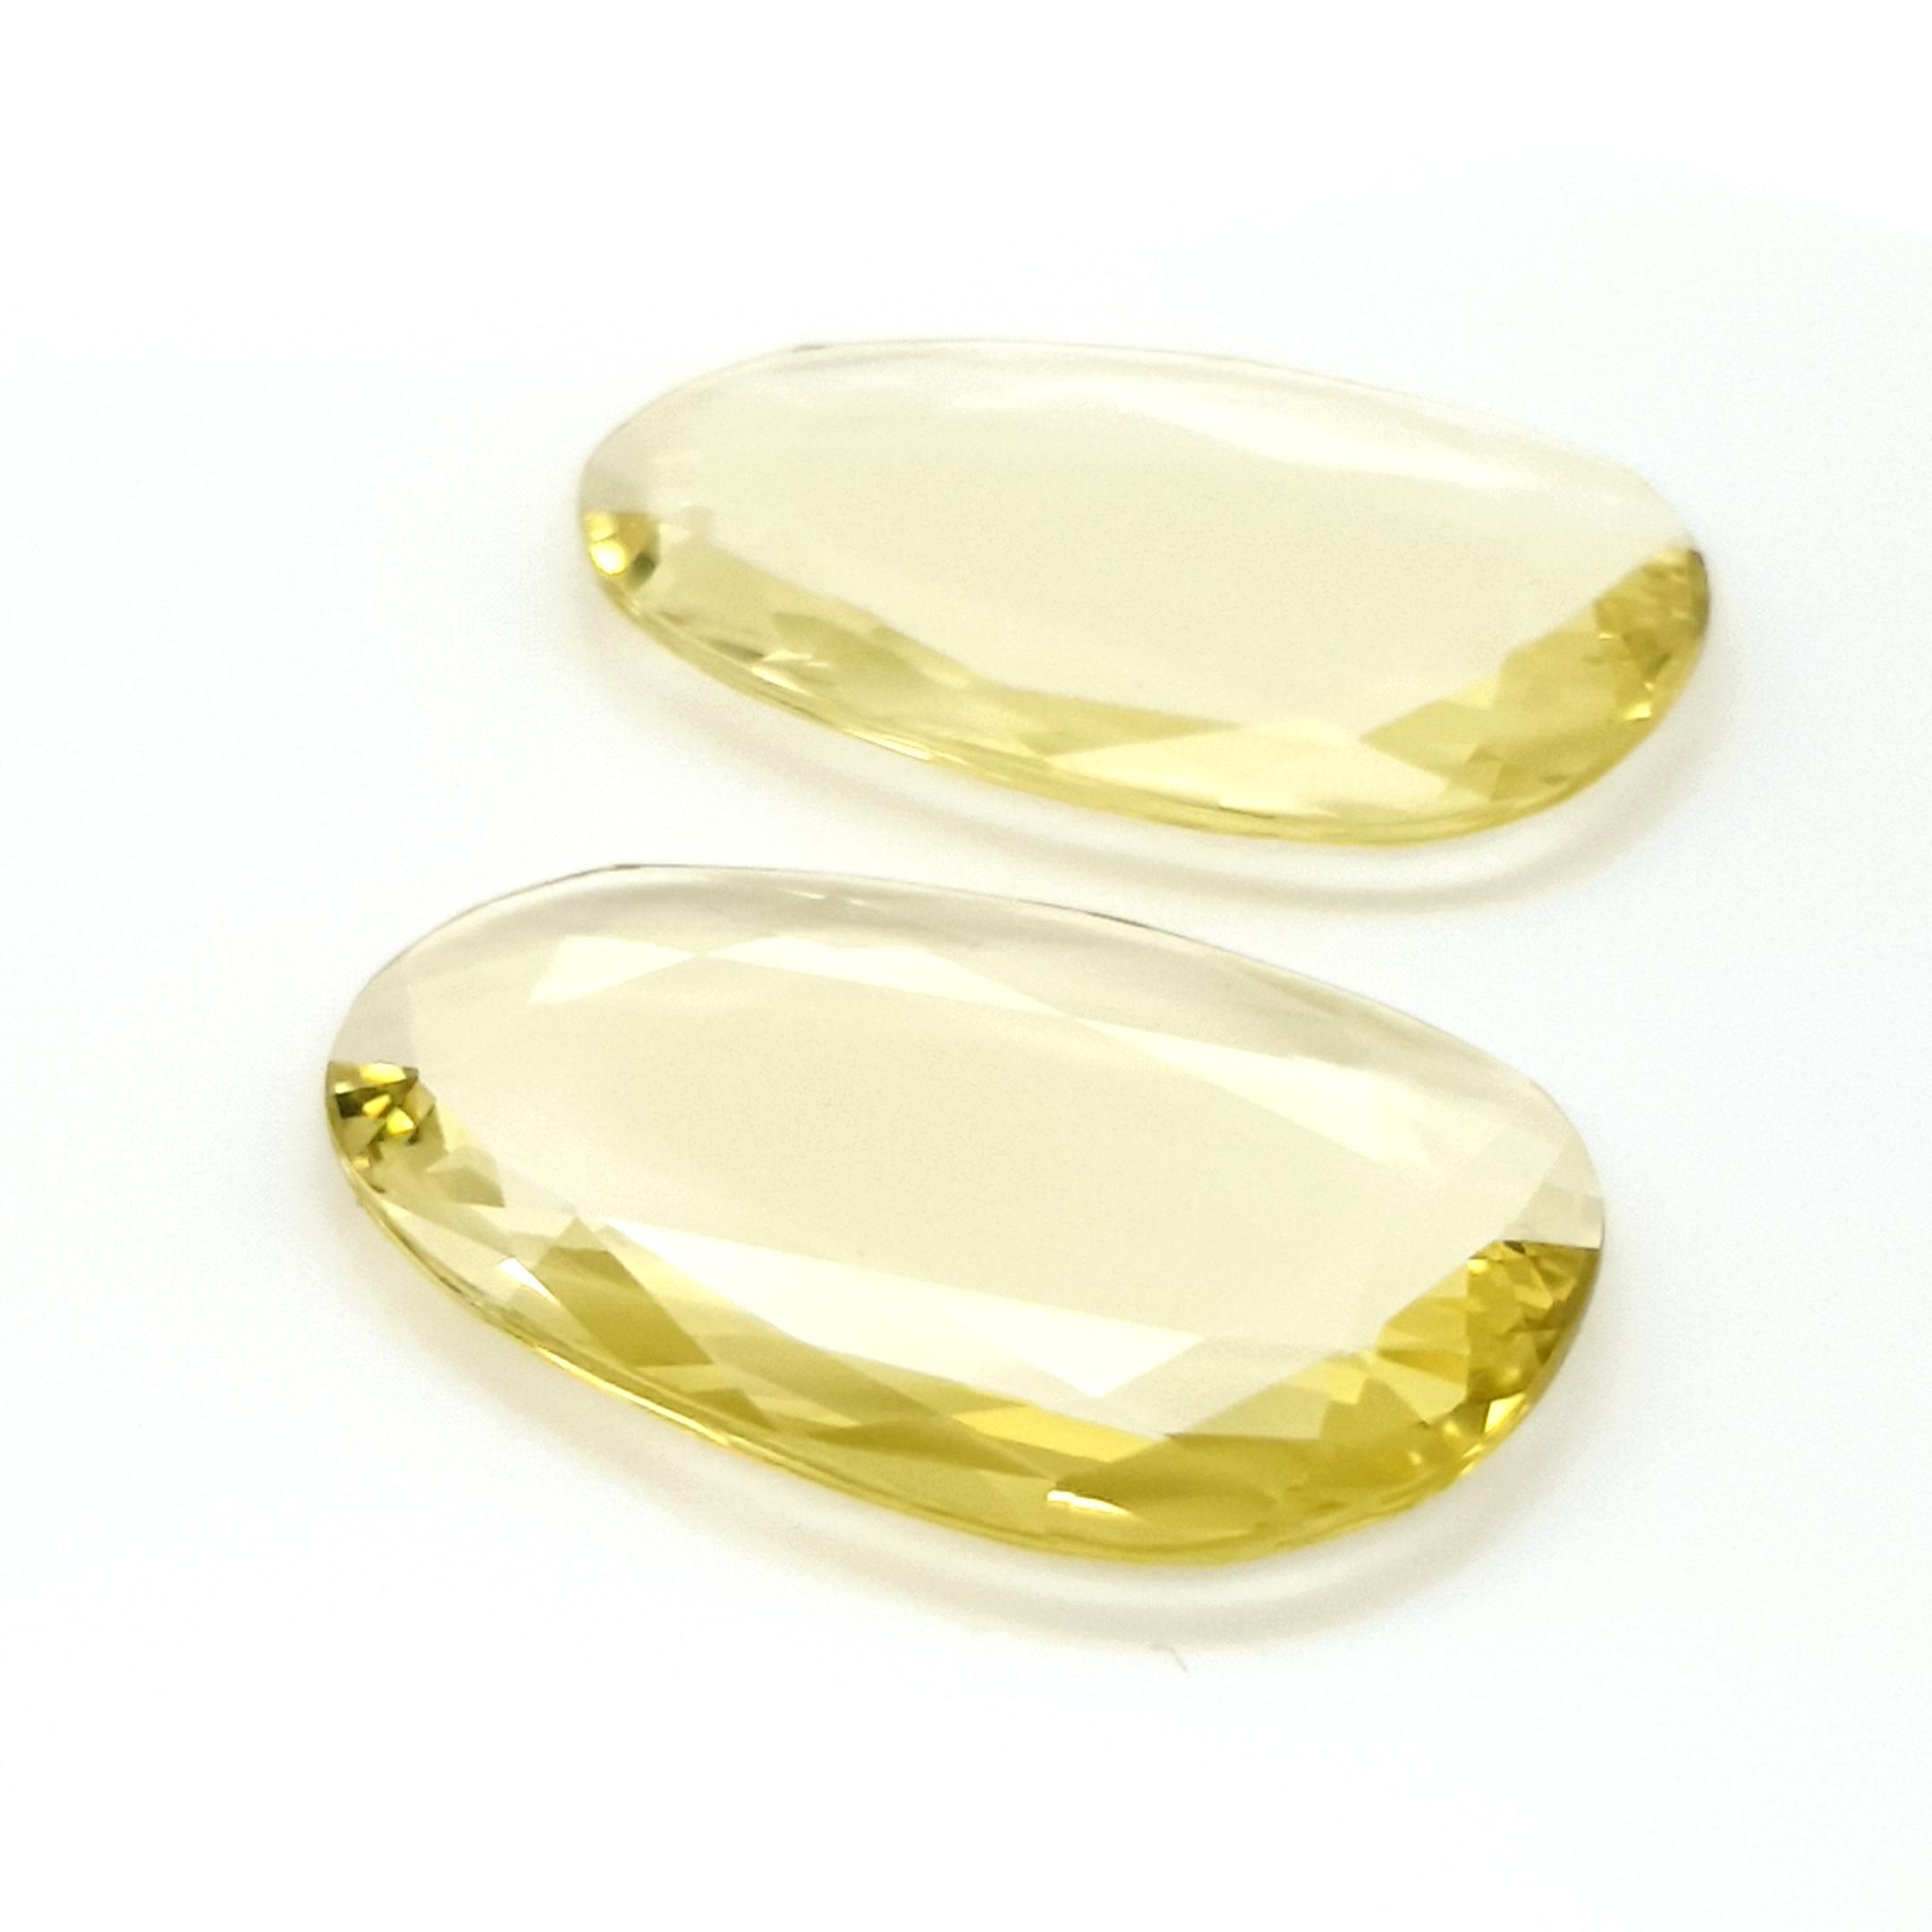 57,63ct Pair Lemon Quartz DoubleRoseCut QZK12C4 ClaudiaHamann__2021-03-18-13-08-30